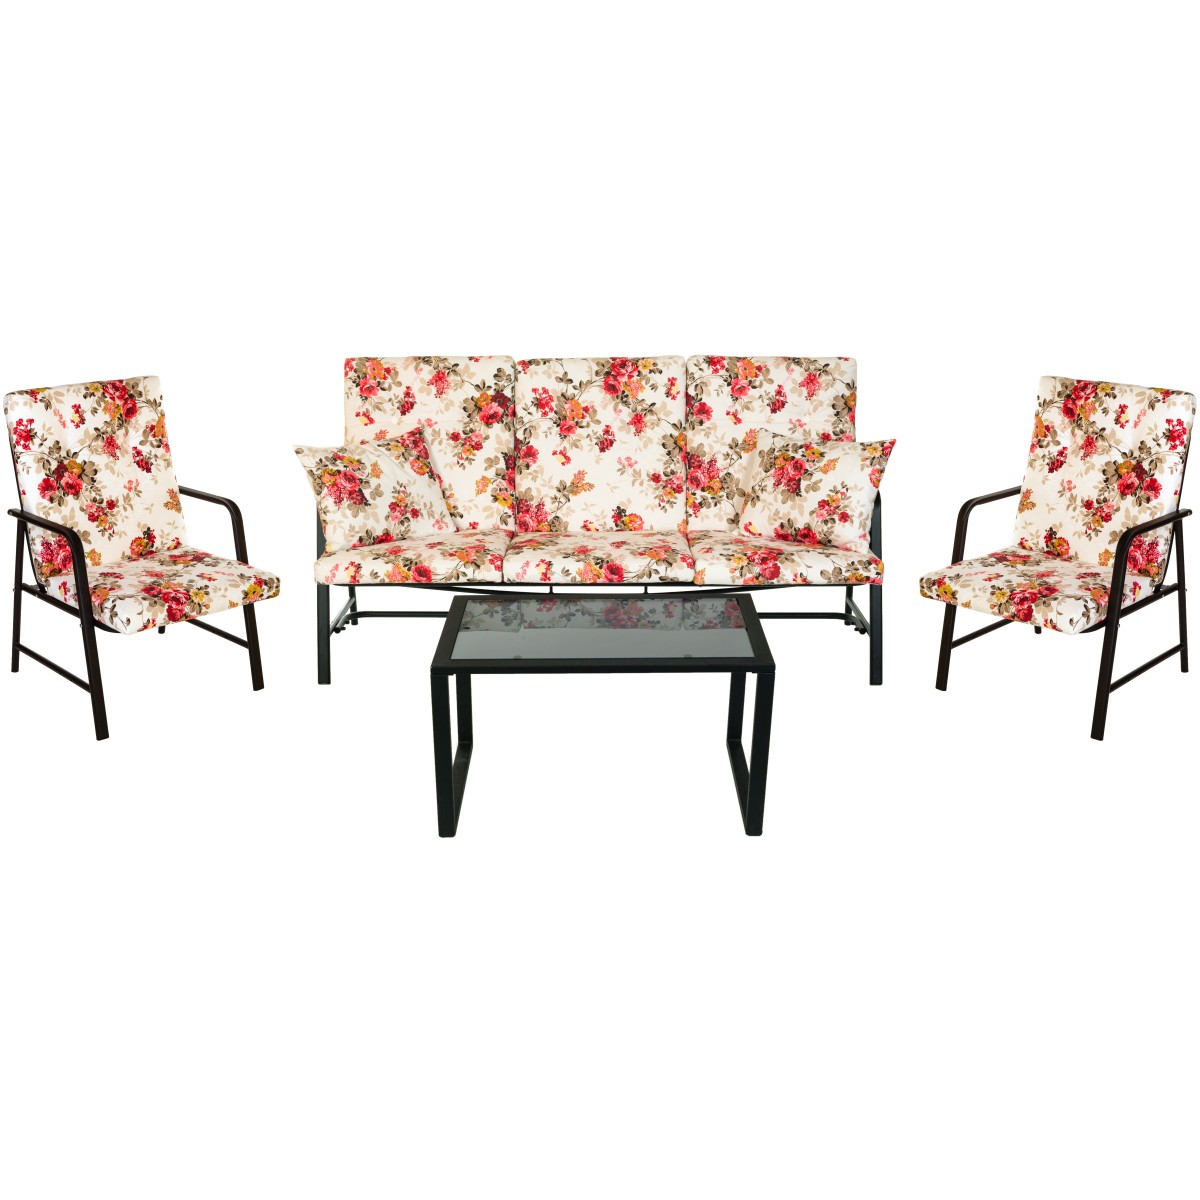 Набор садовой мебели Глория-2 4 предмета 1 диван 2 кресла 1 стол